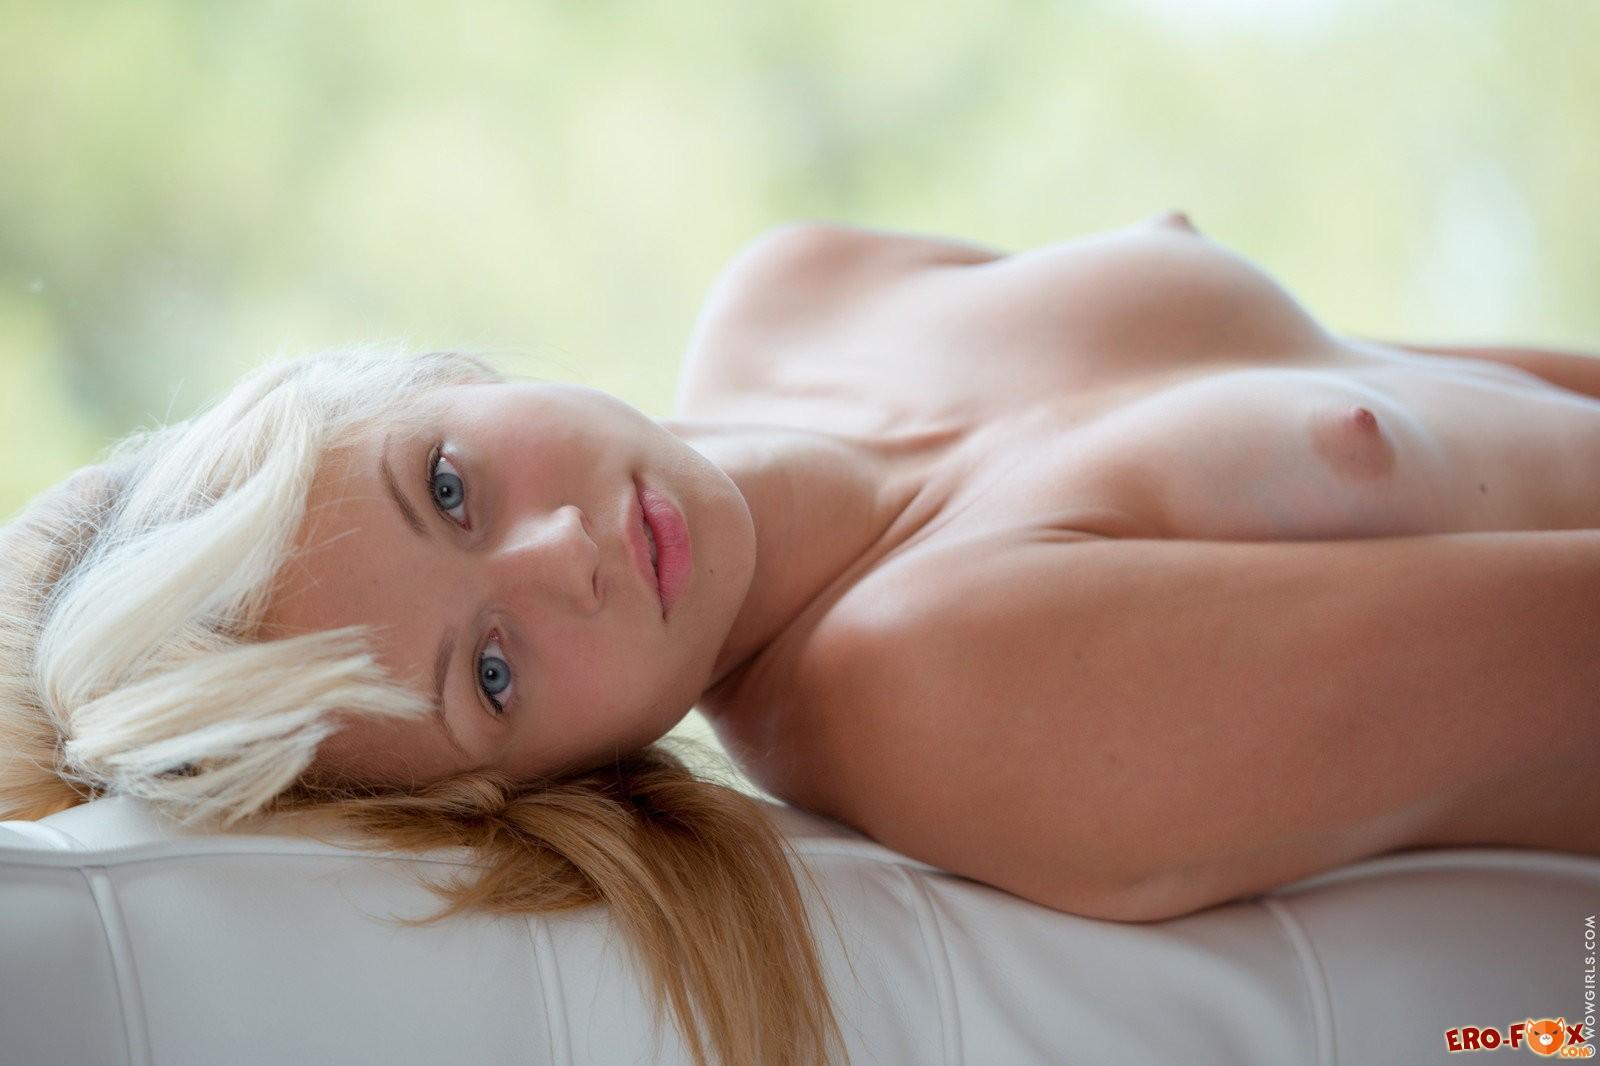 Голая блондинка раздвинула ноги на диване .